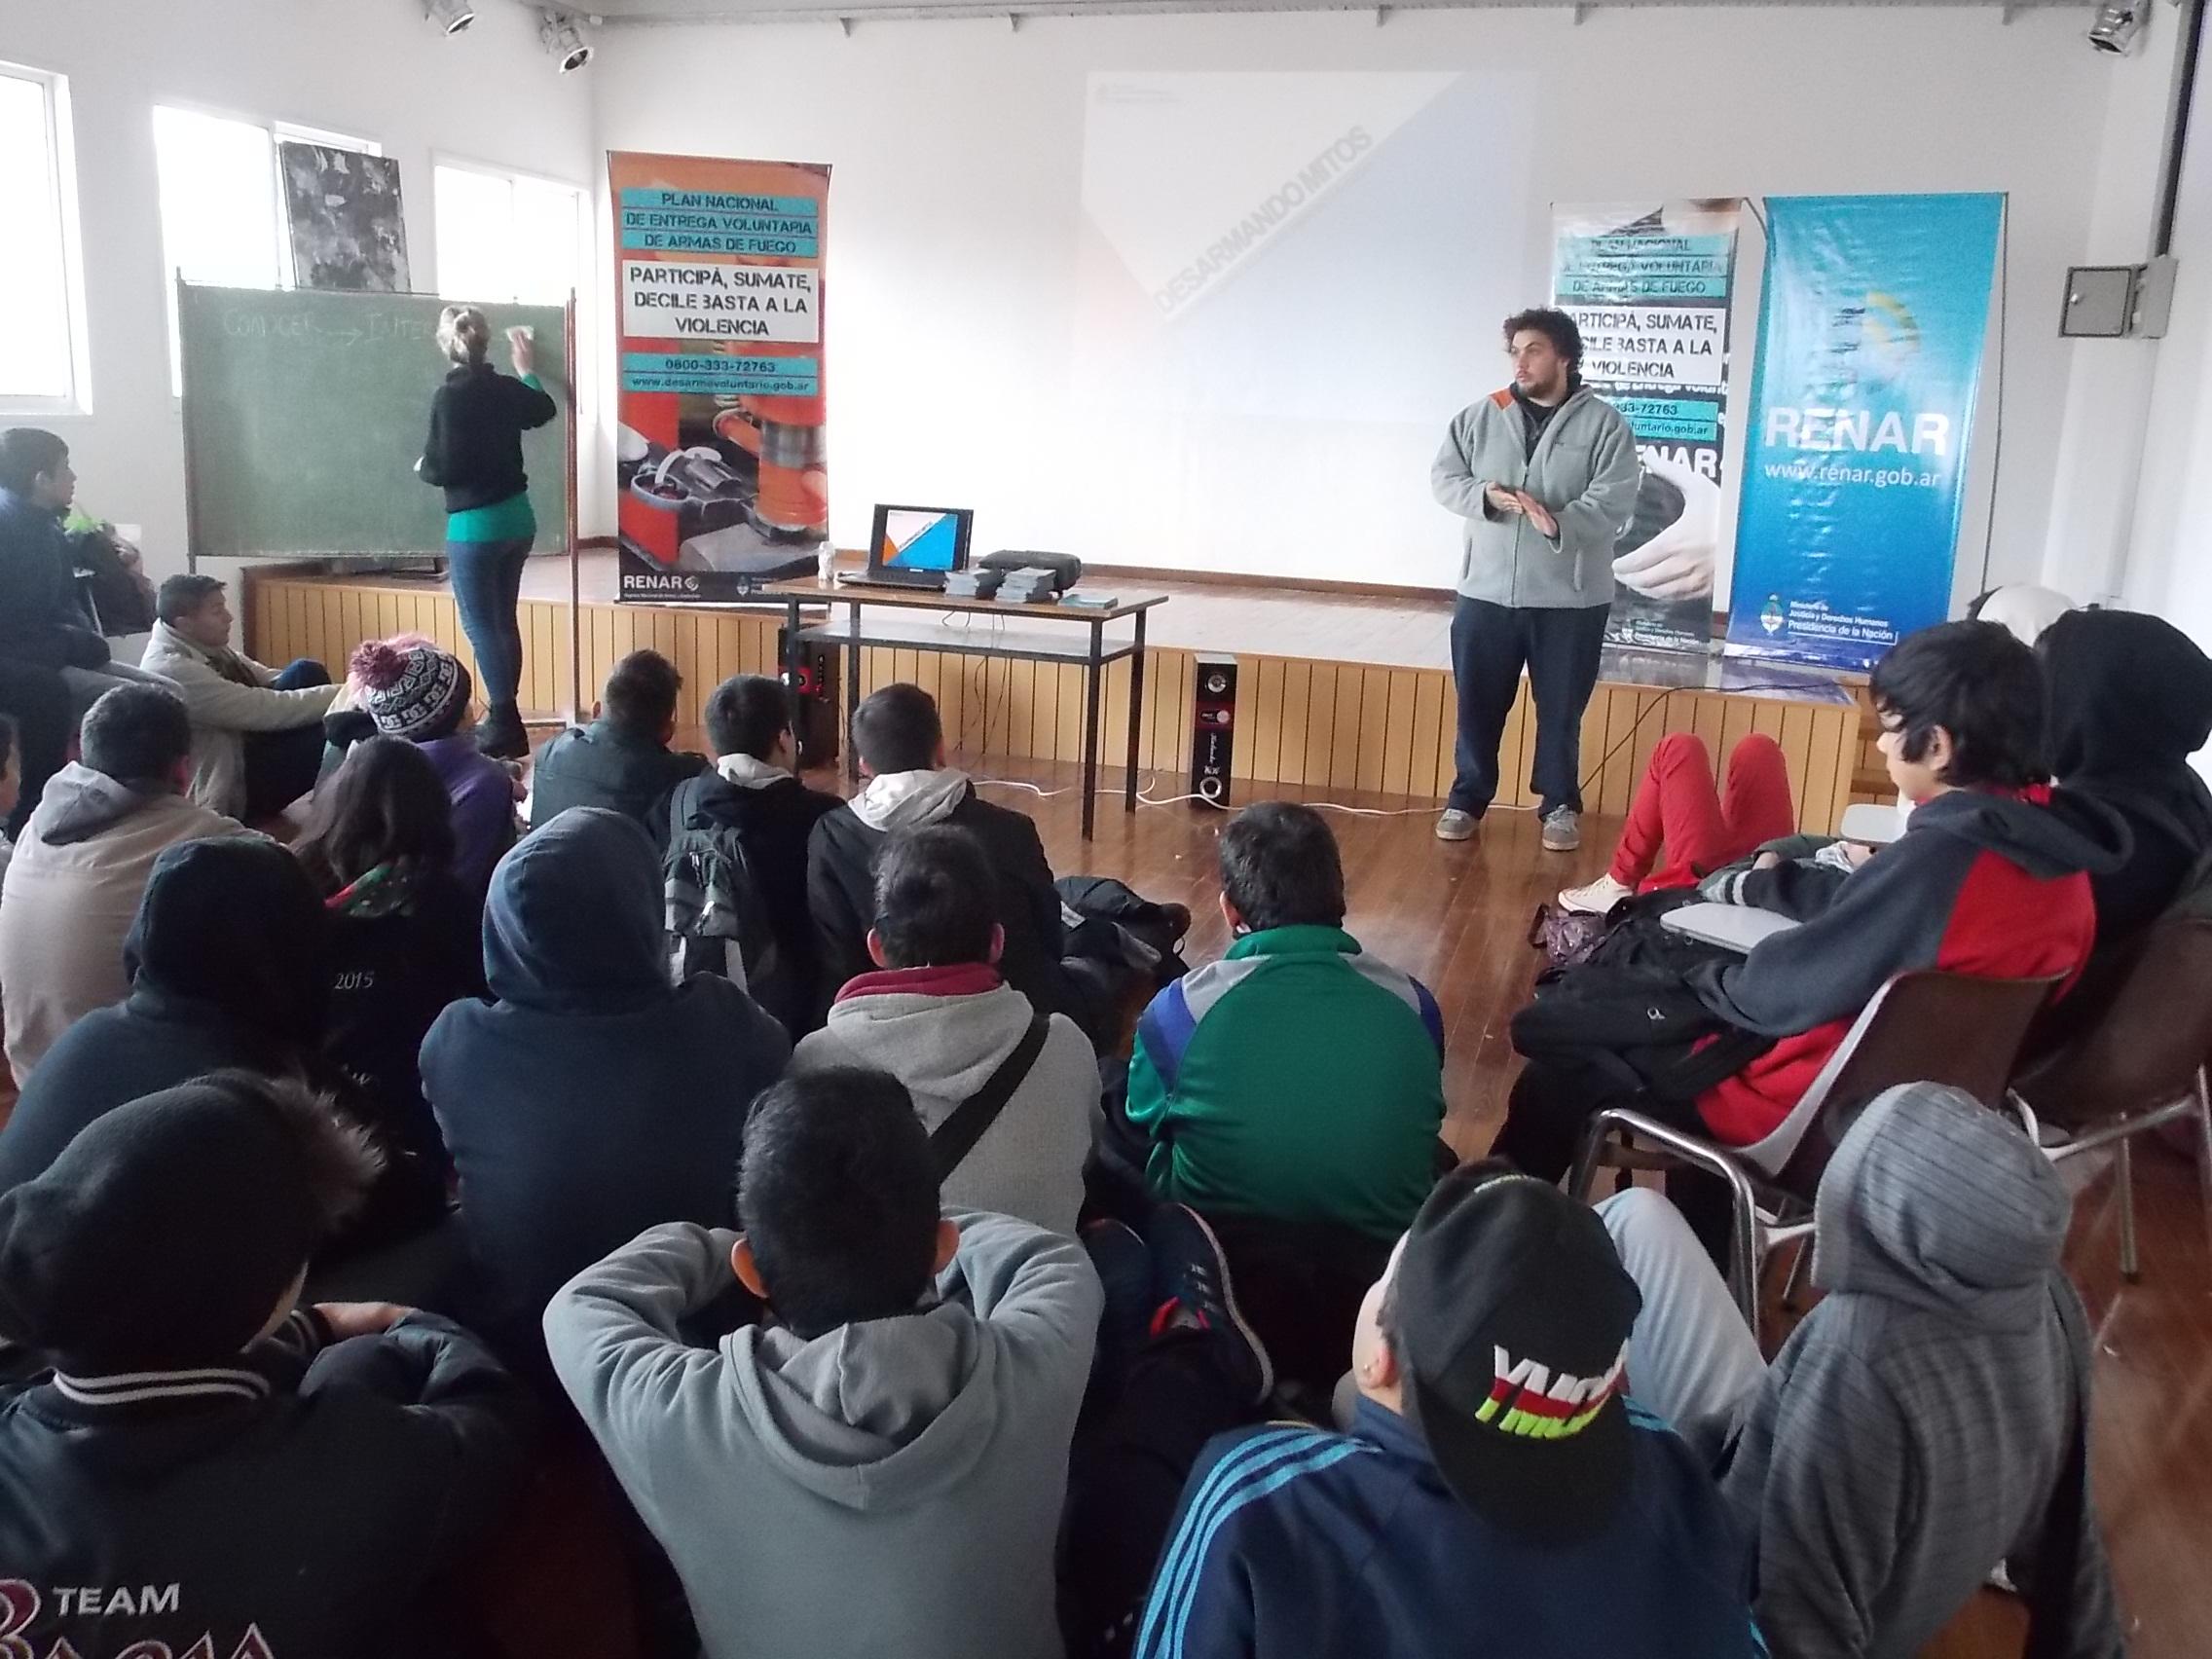 El Renar realizó una jornada de reflexión sobre violencia y armas de fuego en escuelas de San Fernando